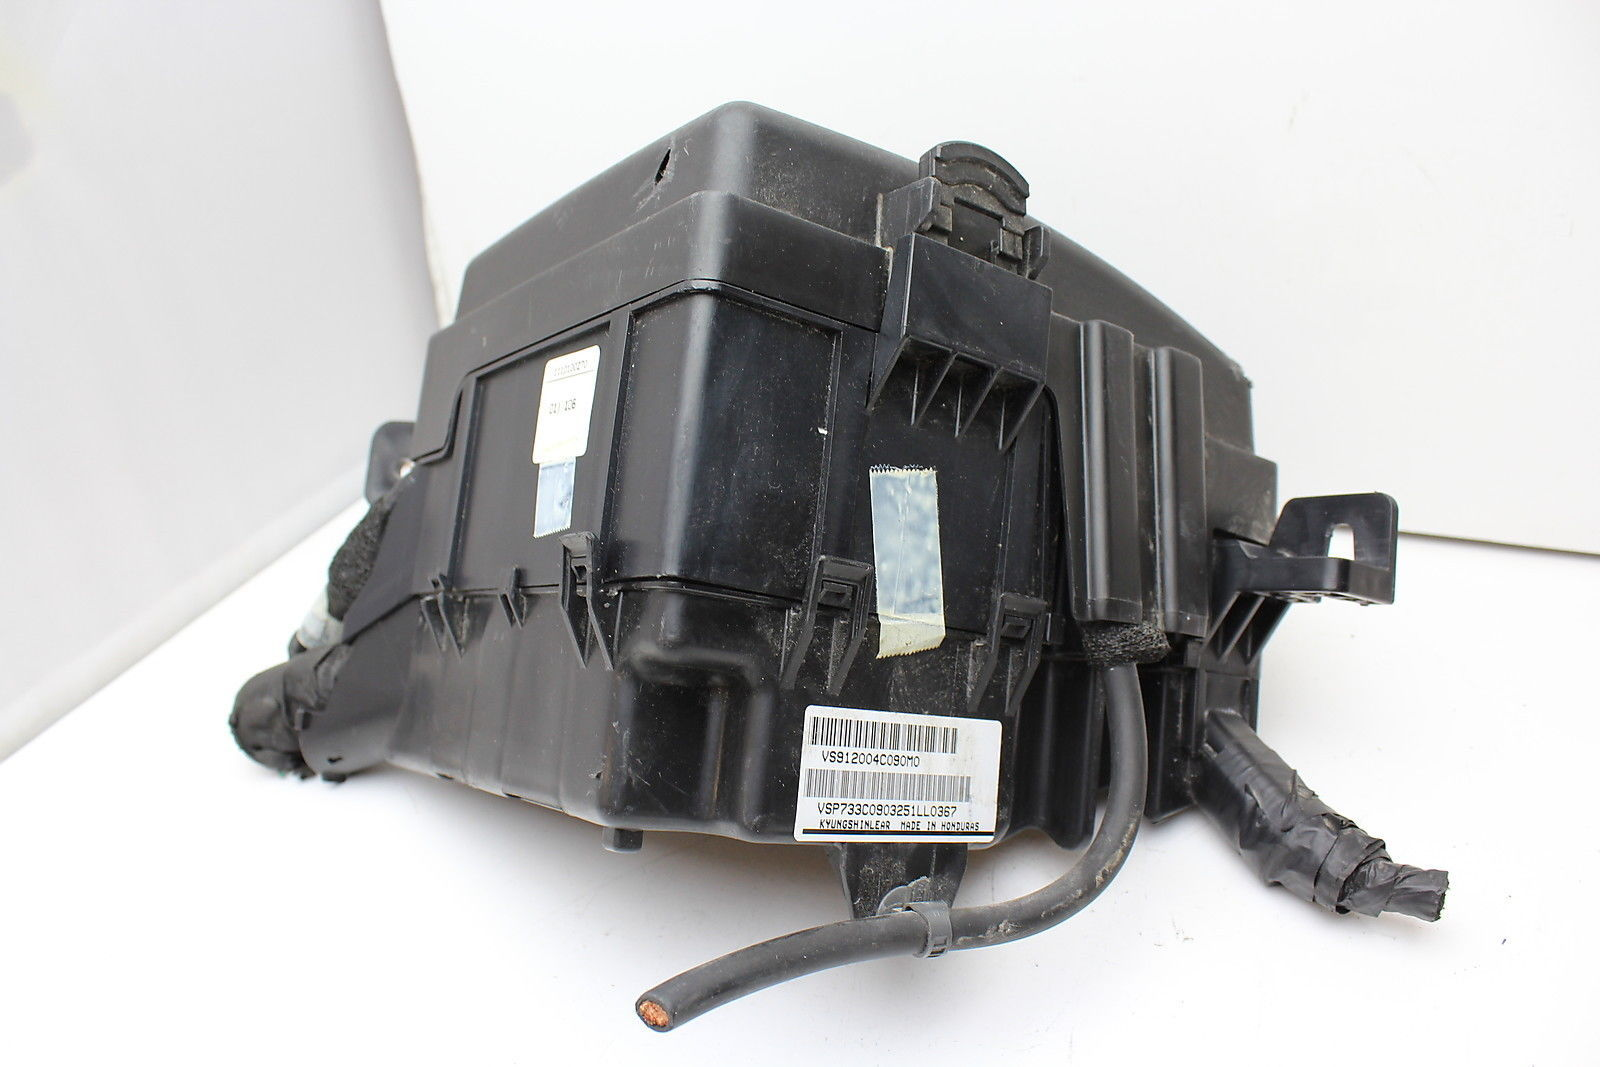 ... Kia Optima 91200-4C090 Fusebox Fuse and 26 similar items. S l1600